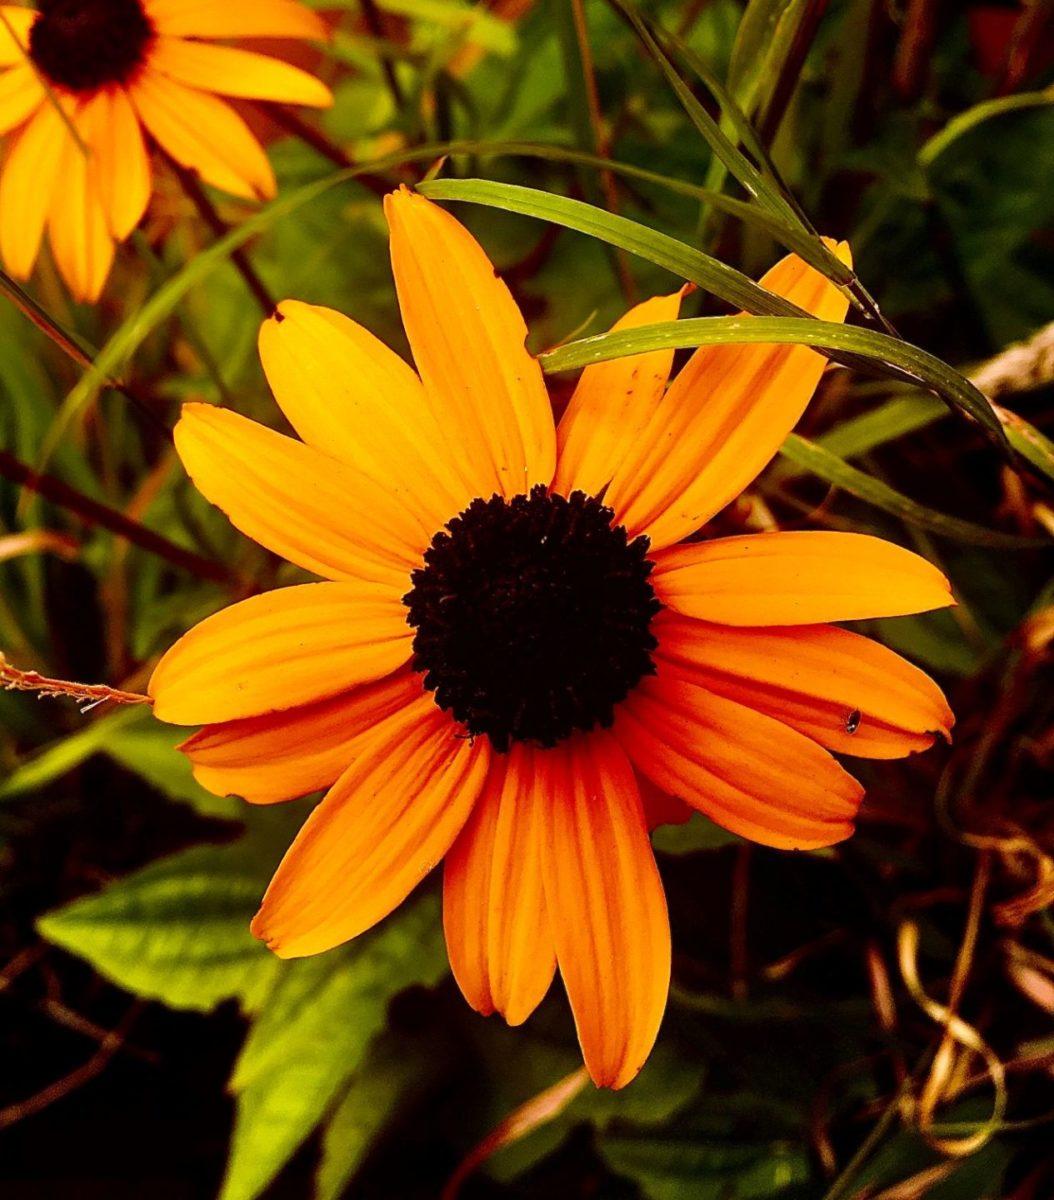 Gelbe Blume - Nabel der Welt